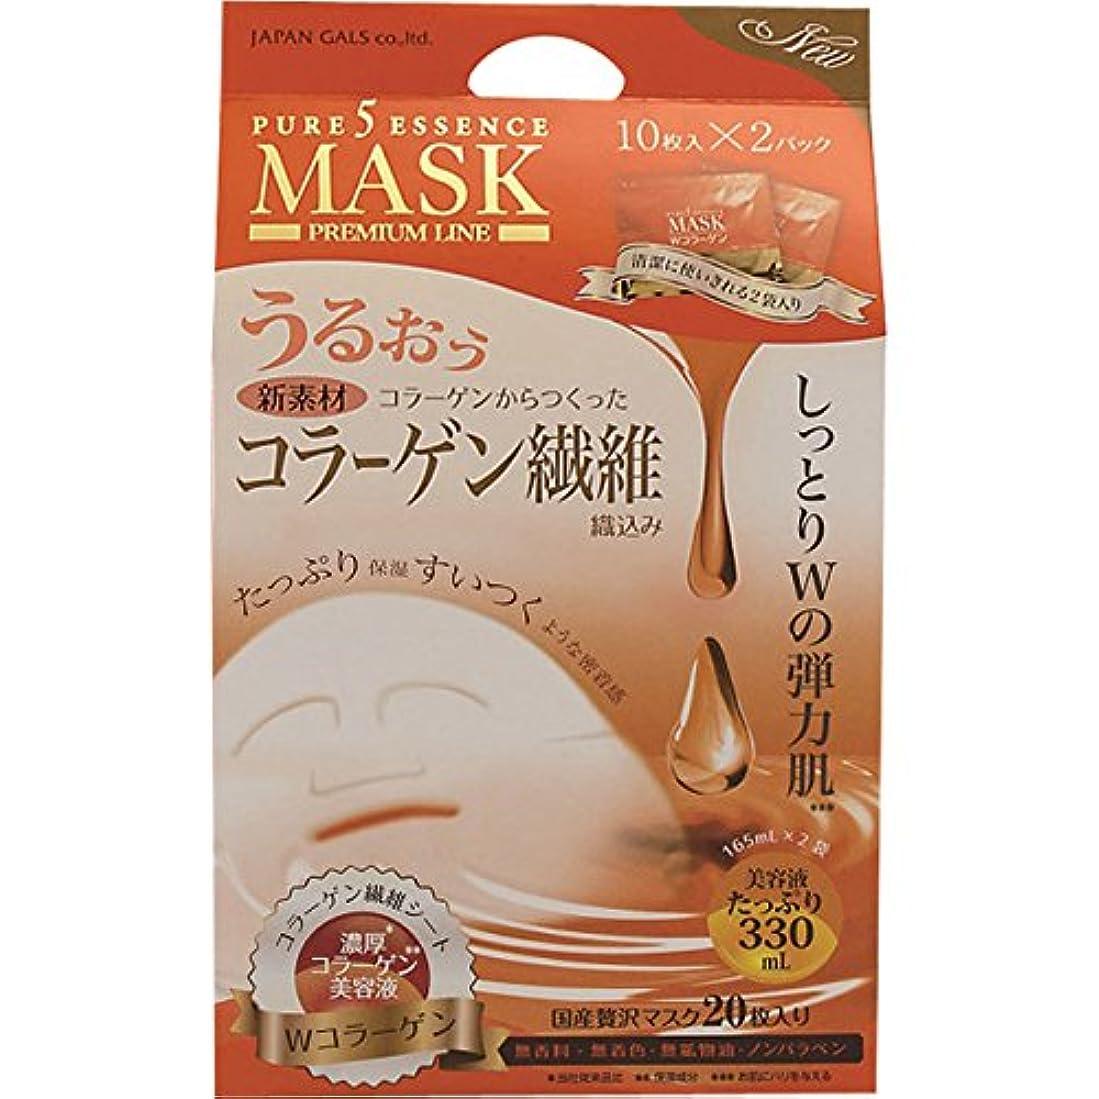 フクロウ表面的な吸収剤ピュアファイブエッセンスマスク(WCO)Wコラーゲン